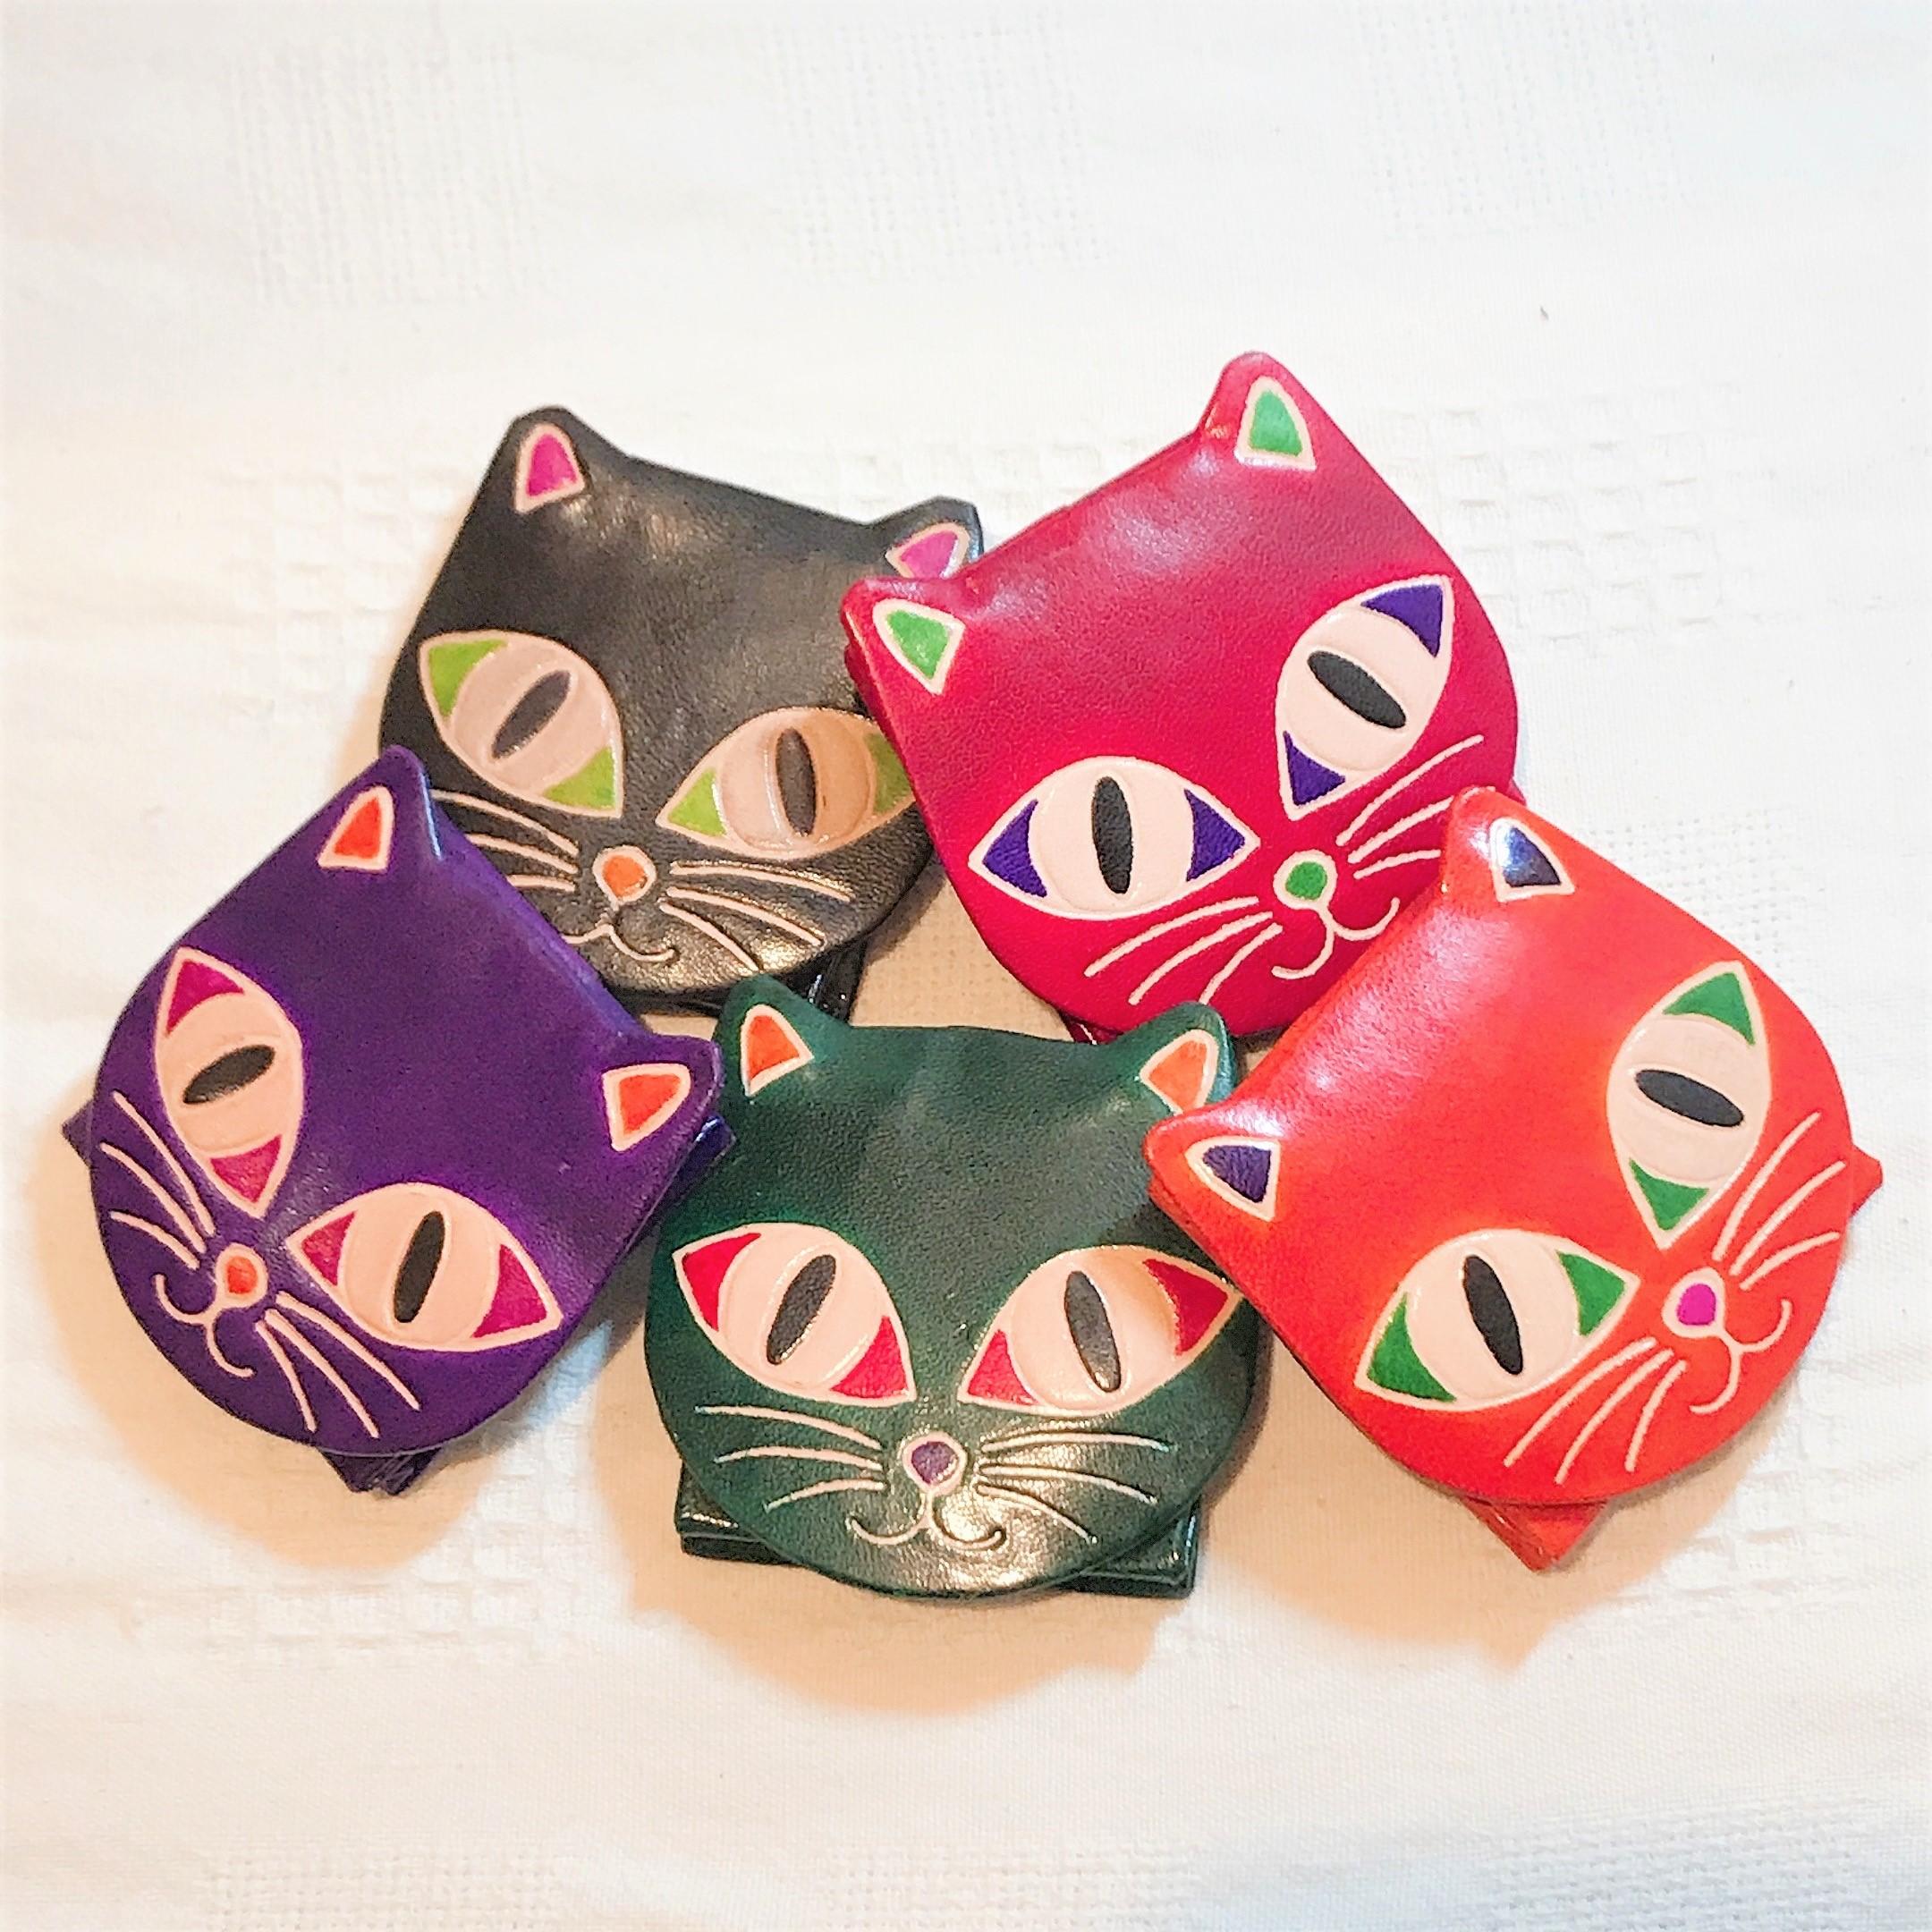 スーパーセール期間7%offクーポン配付 かわいい猫ちゃん顔の小銭入れ 本革なのにプチプラ 新登場 お気に入りのカラーでいかがですか? 小銭入れ 猫 ねこ小銭入れ コインケース 革 レザー 財布 本革 レディース 女性 革小物 猫グッズ 使いやすい 猫顔 猫好き プレゼント 誕生日プレゼント 猫型 ネコ コンパクト 期間限定お試し価格 雑貨 猫雑貨 ねこ ネコ型 ねこ雑貨 ねこ型 かわいい